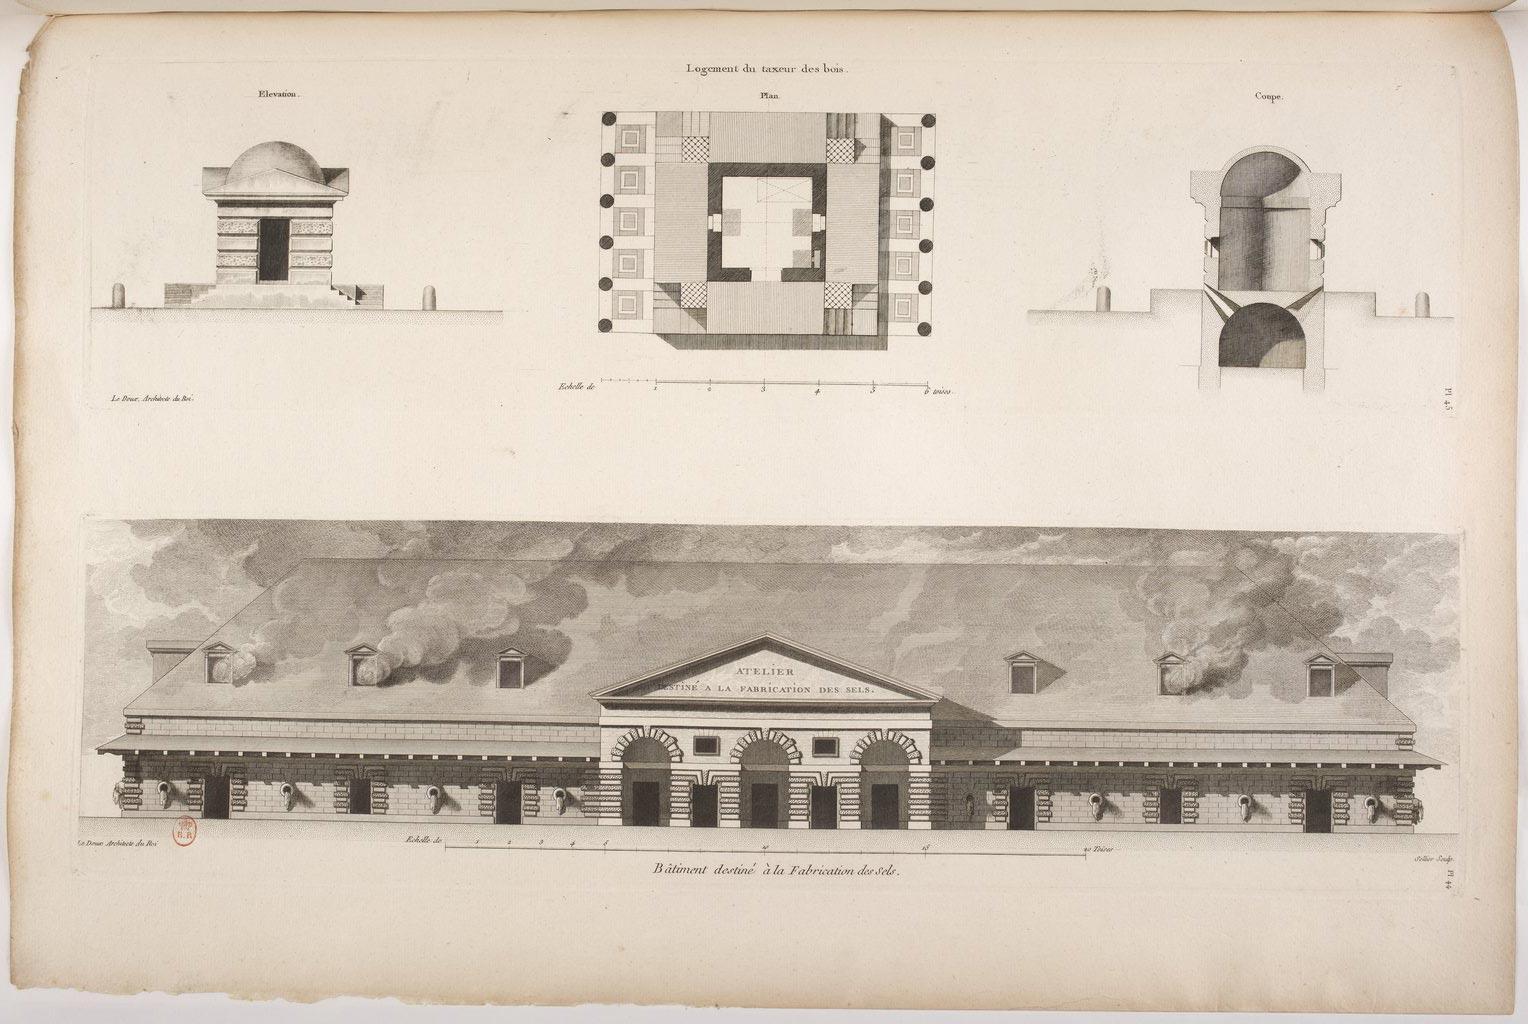 ledoux-claude-architecture-339